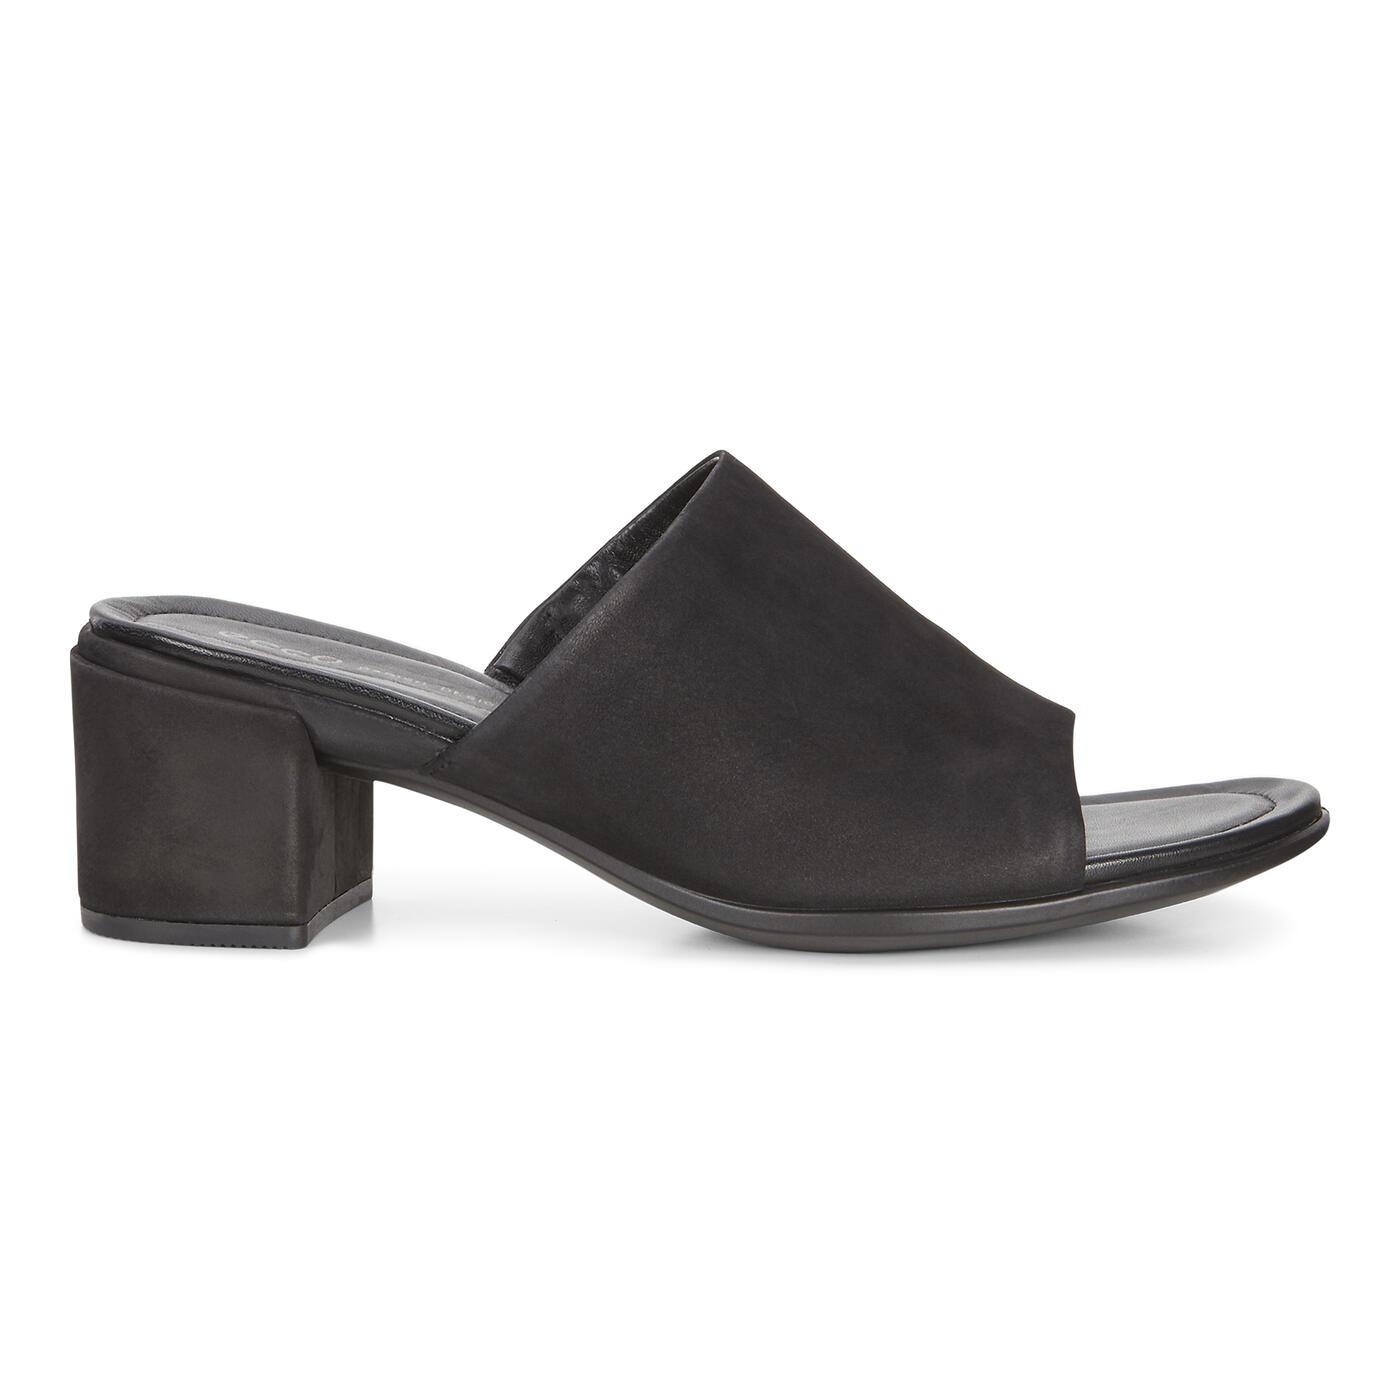 ECCO Shape 35 Slide Sandal